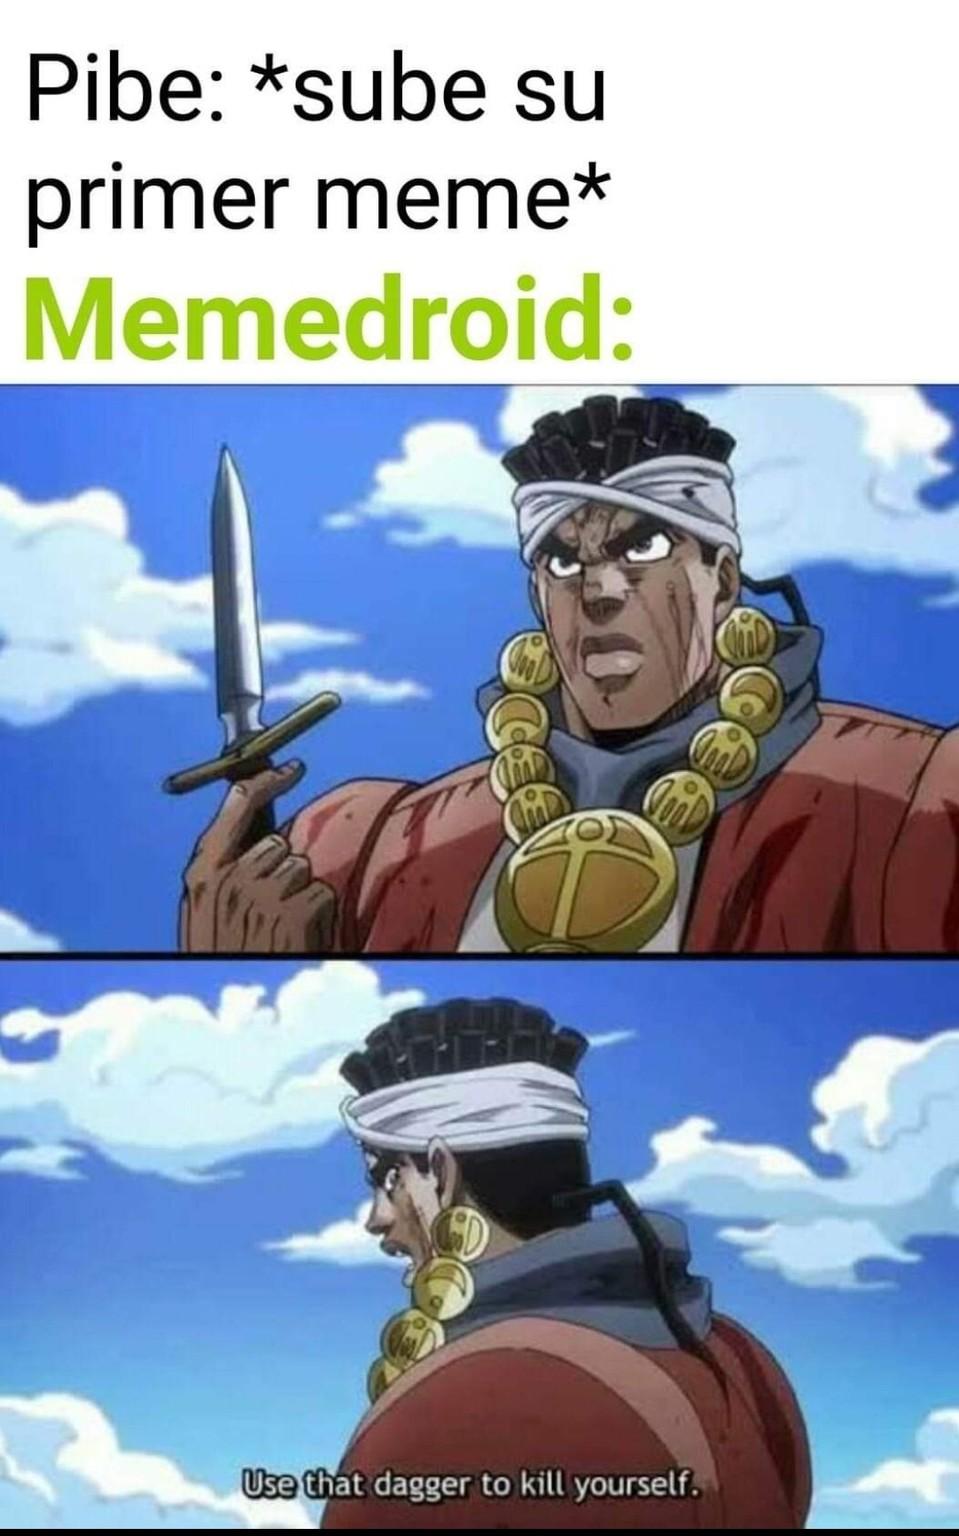 Ustedes le saben al memedroid?